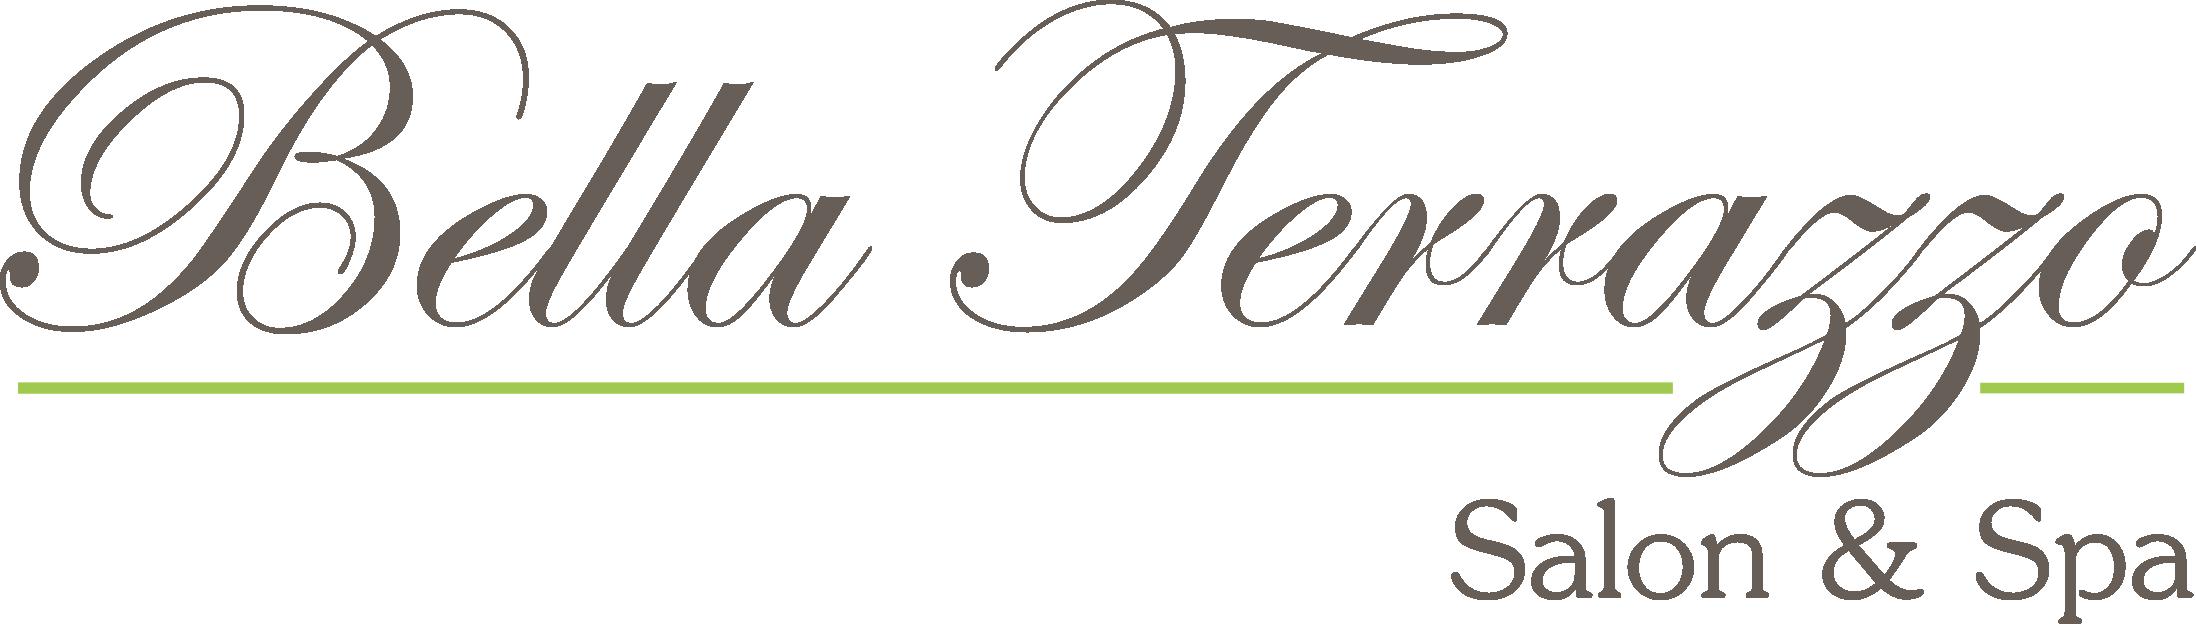 Bella Terrazzo│Salon & Spa